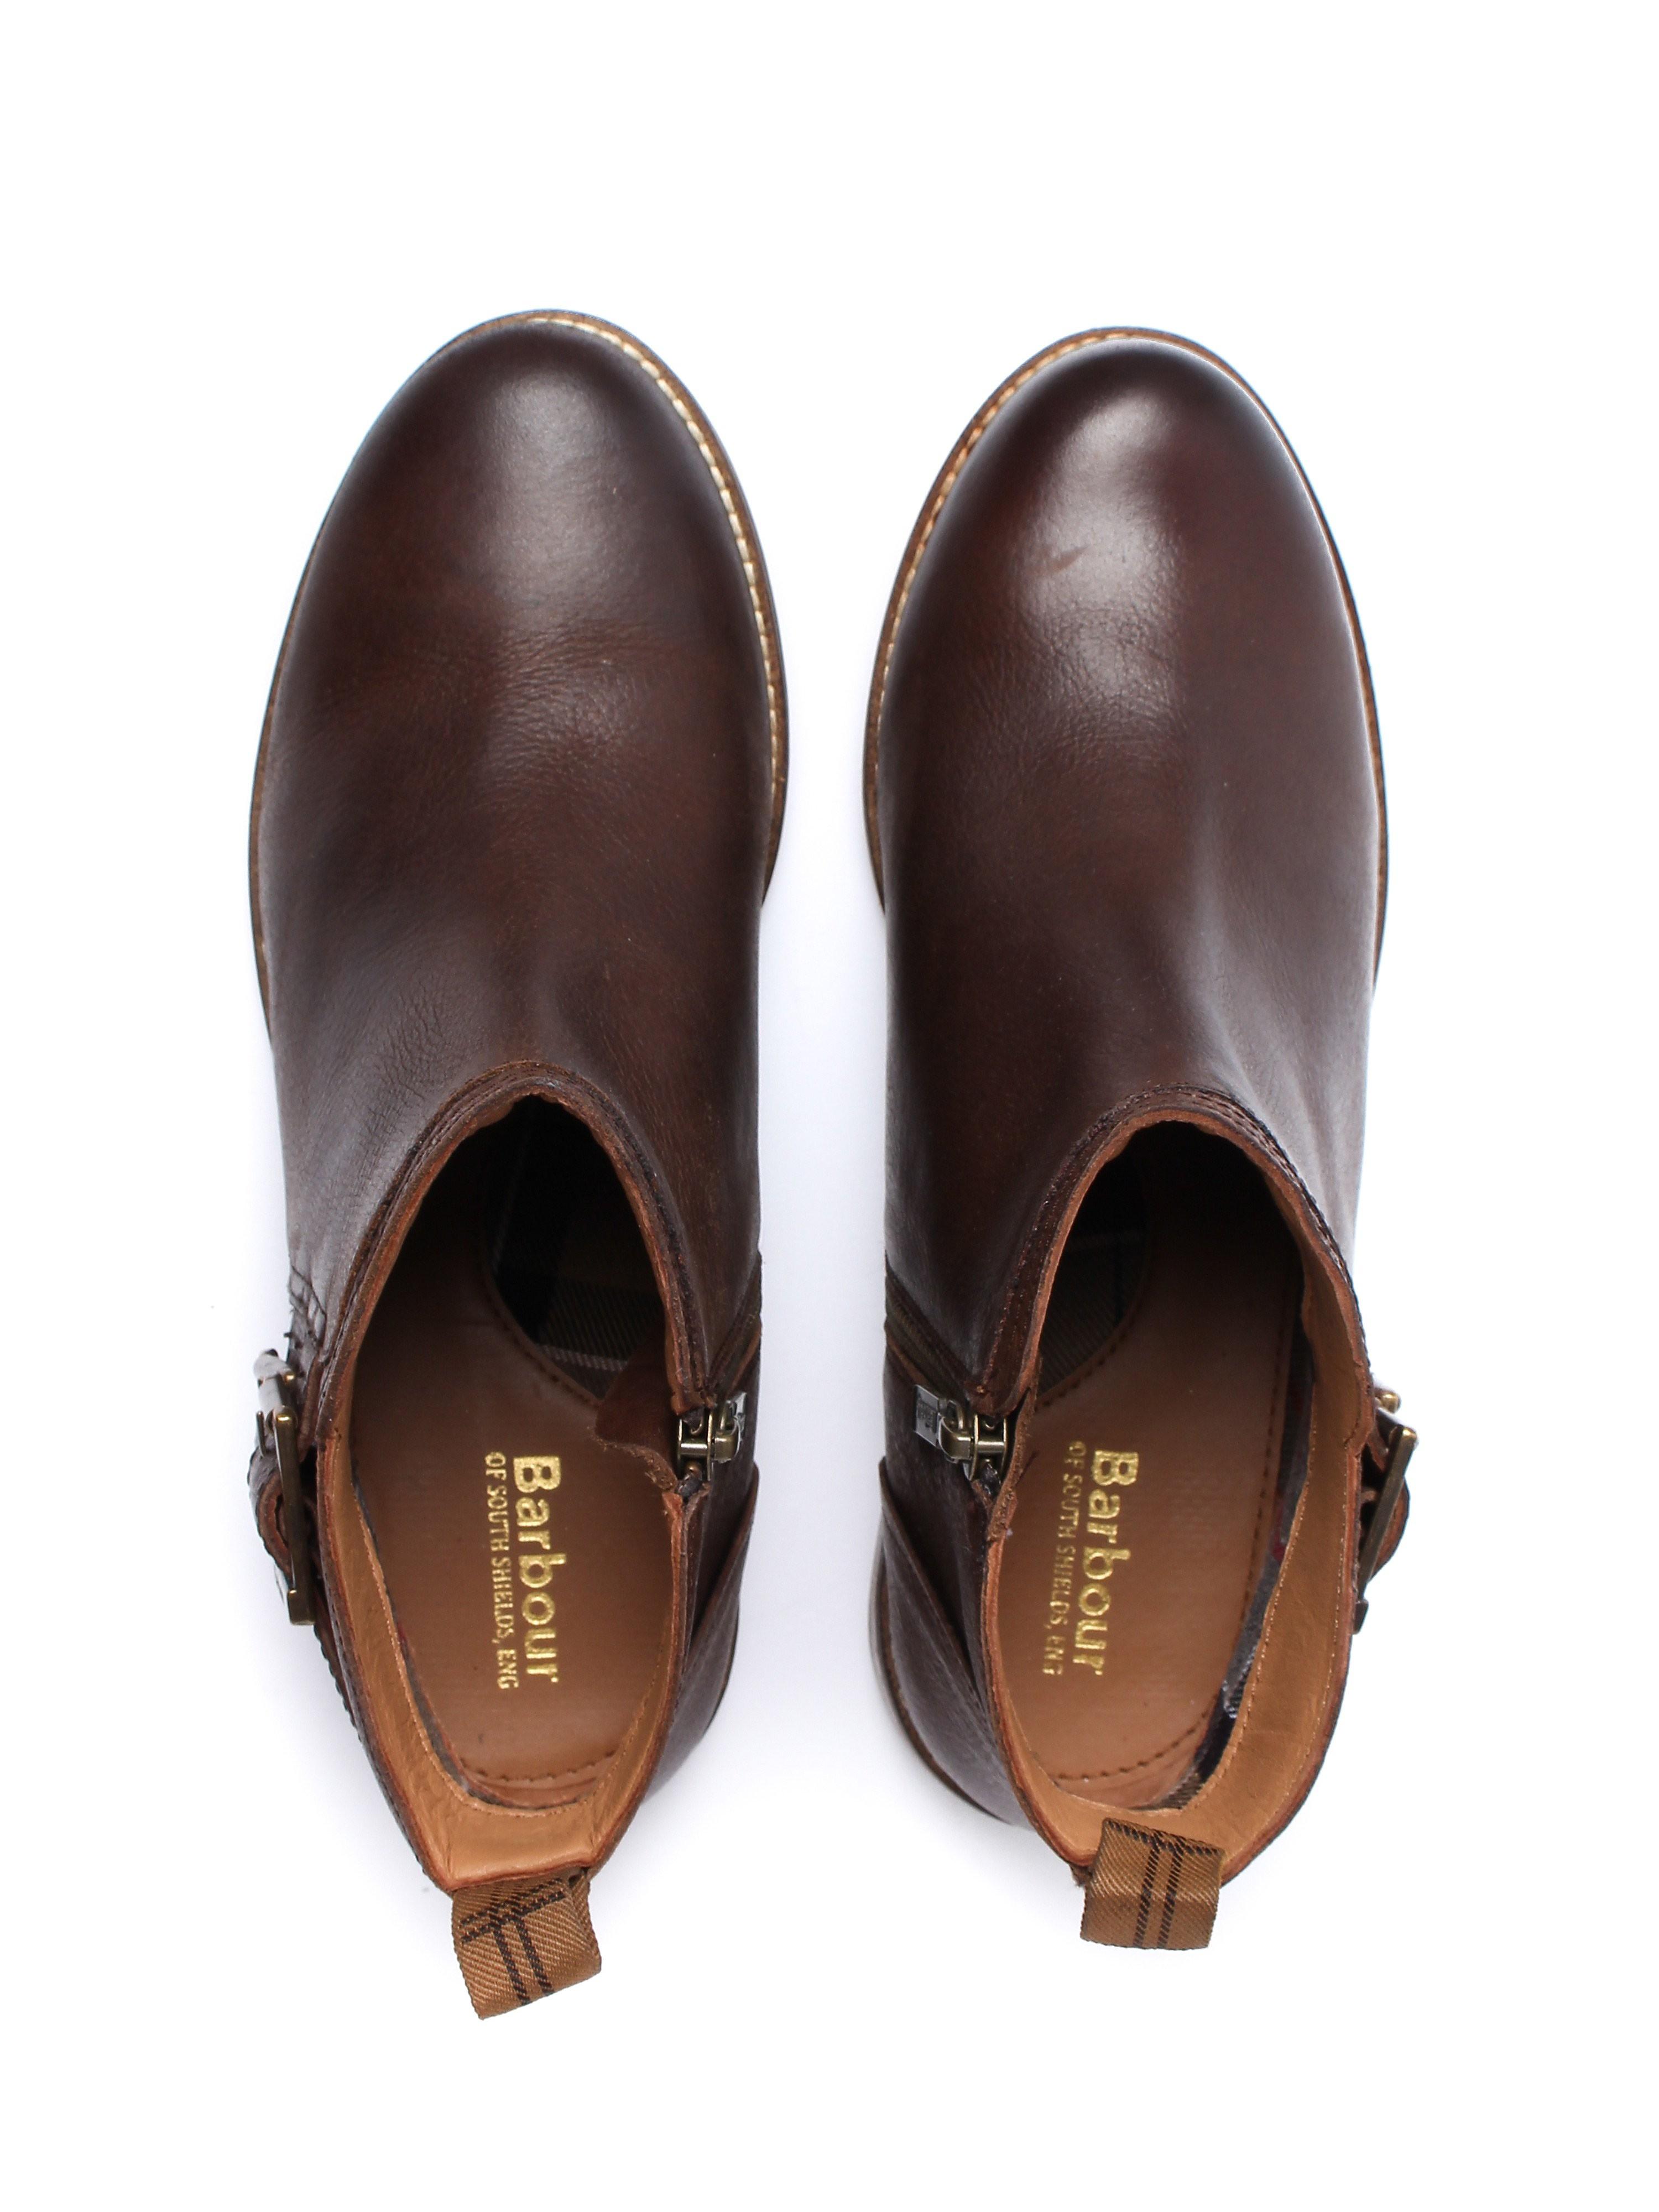 Barbour Women's Sarah Low Buckle Boots - Brown Nubuck